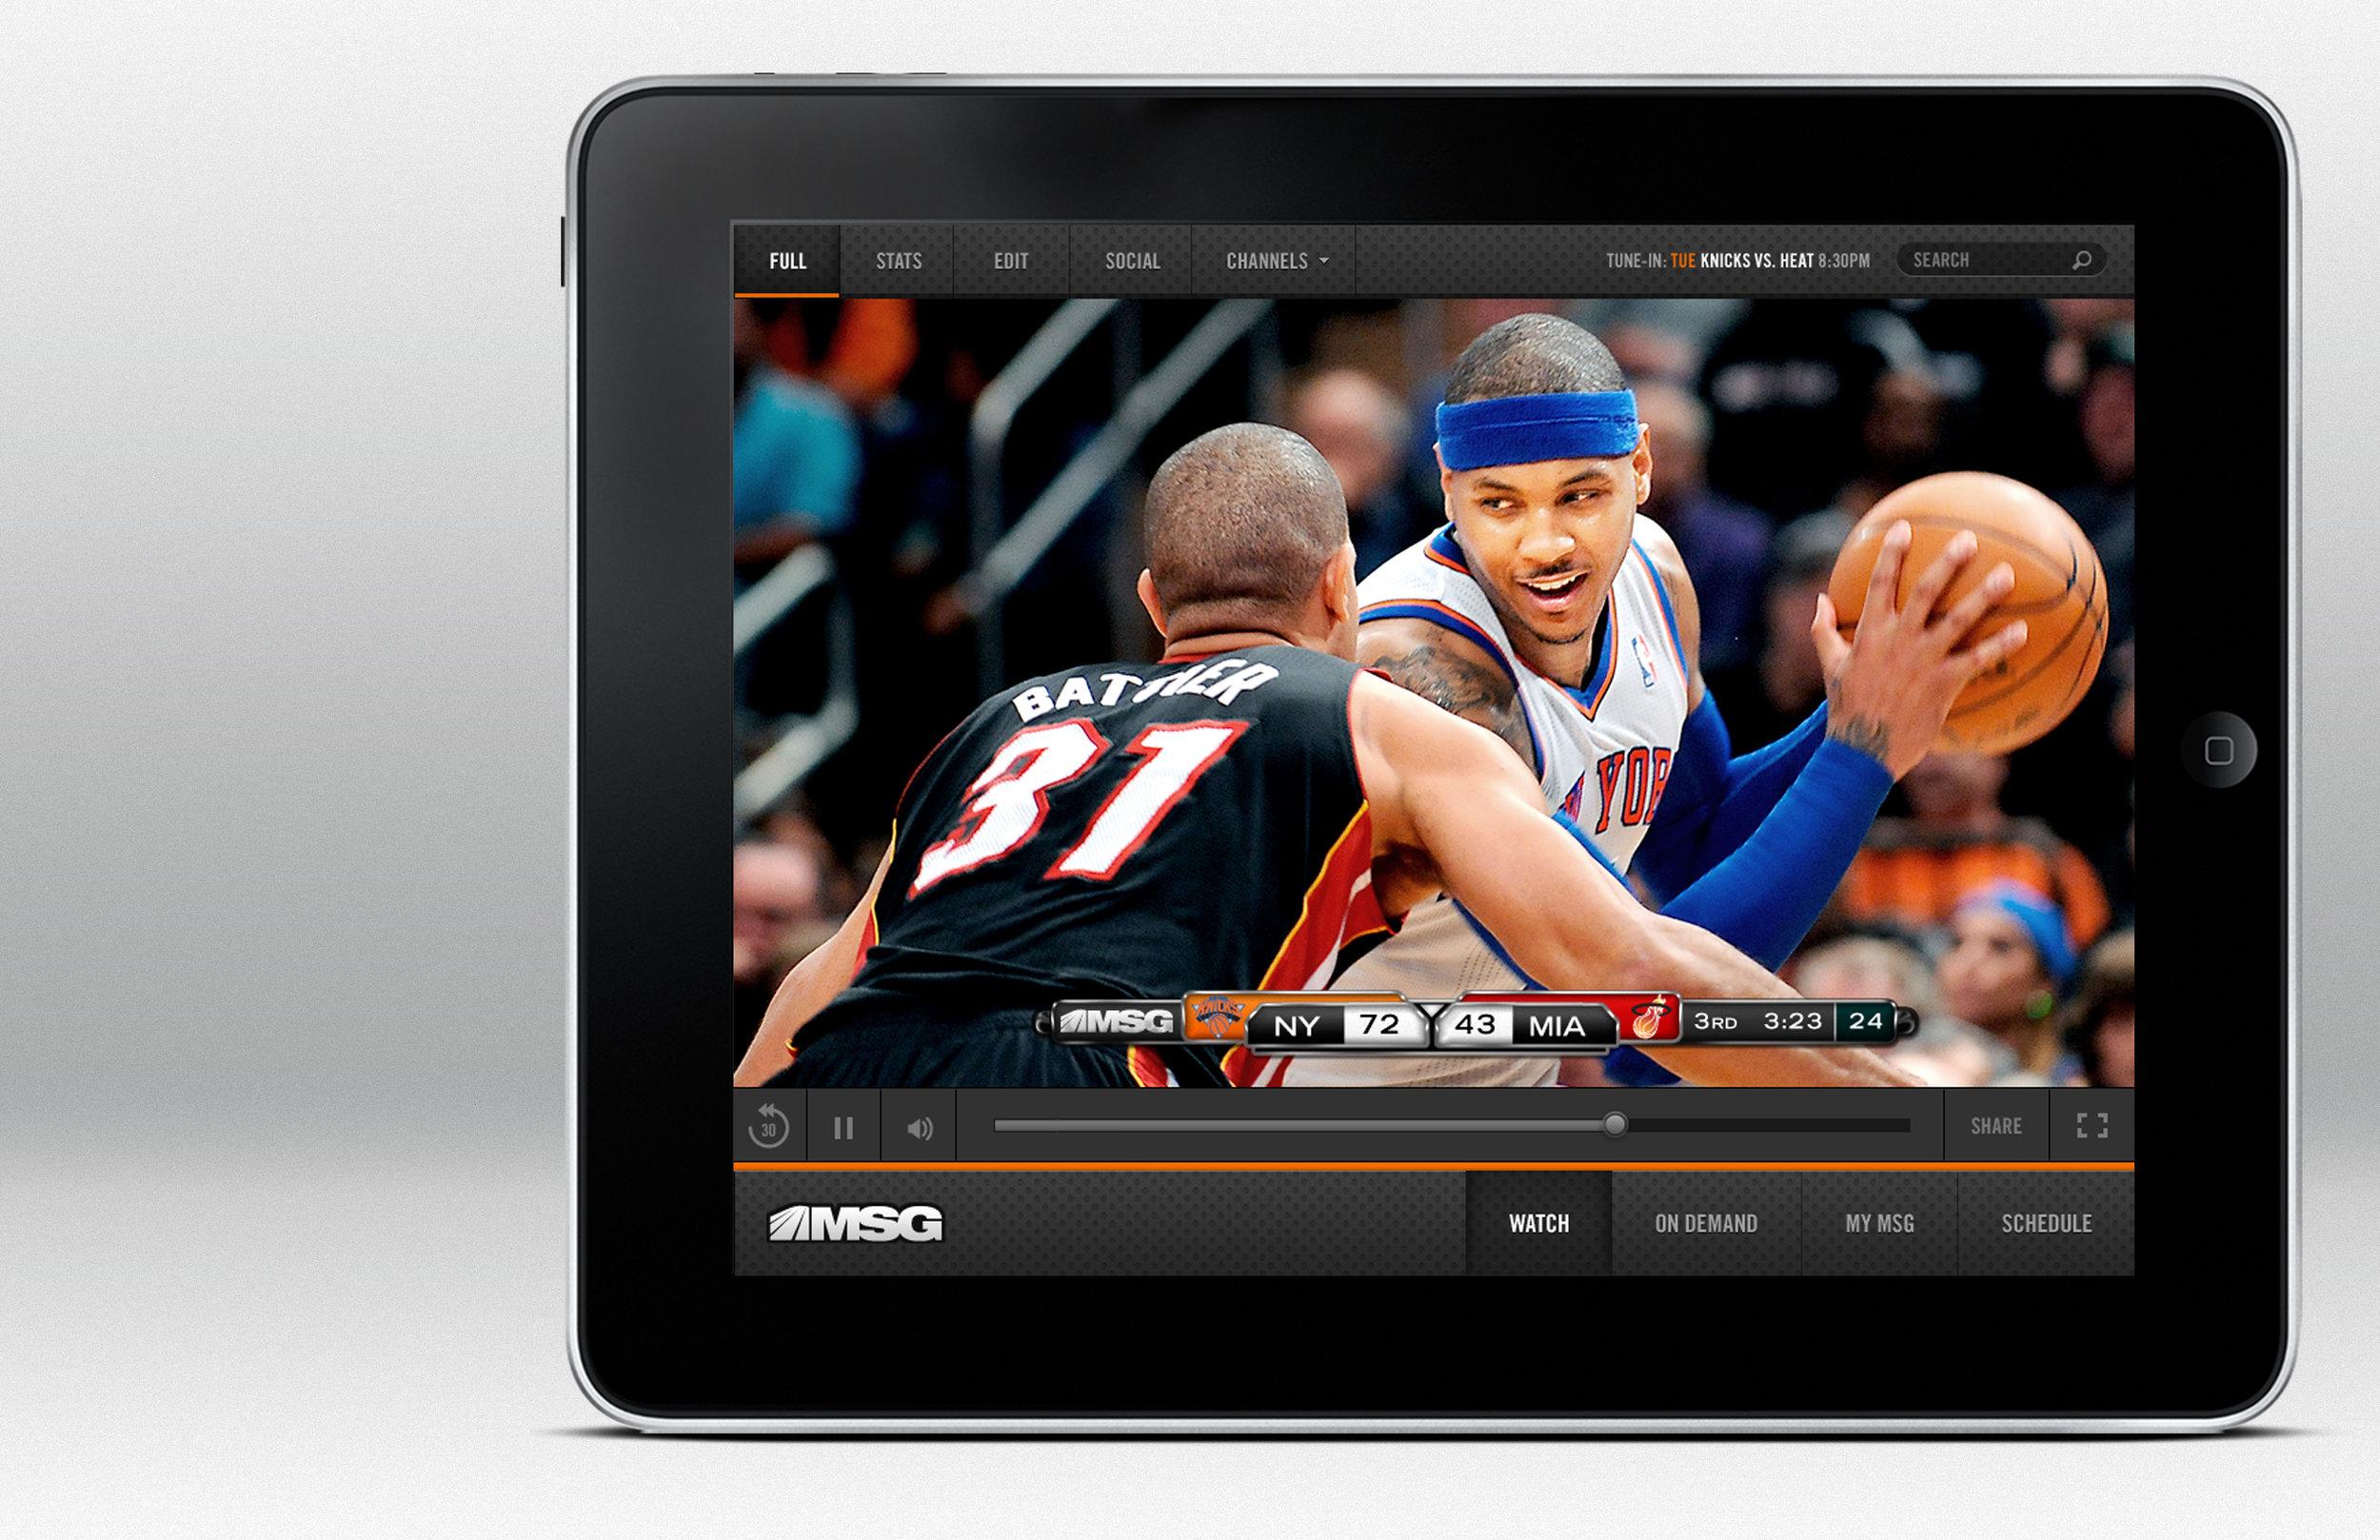 MSGGO_iPad2_watchfull.jpg